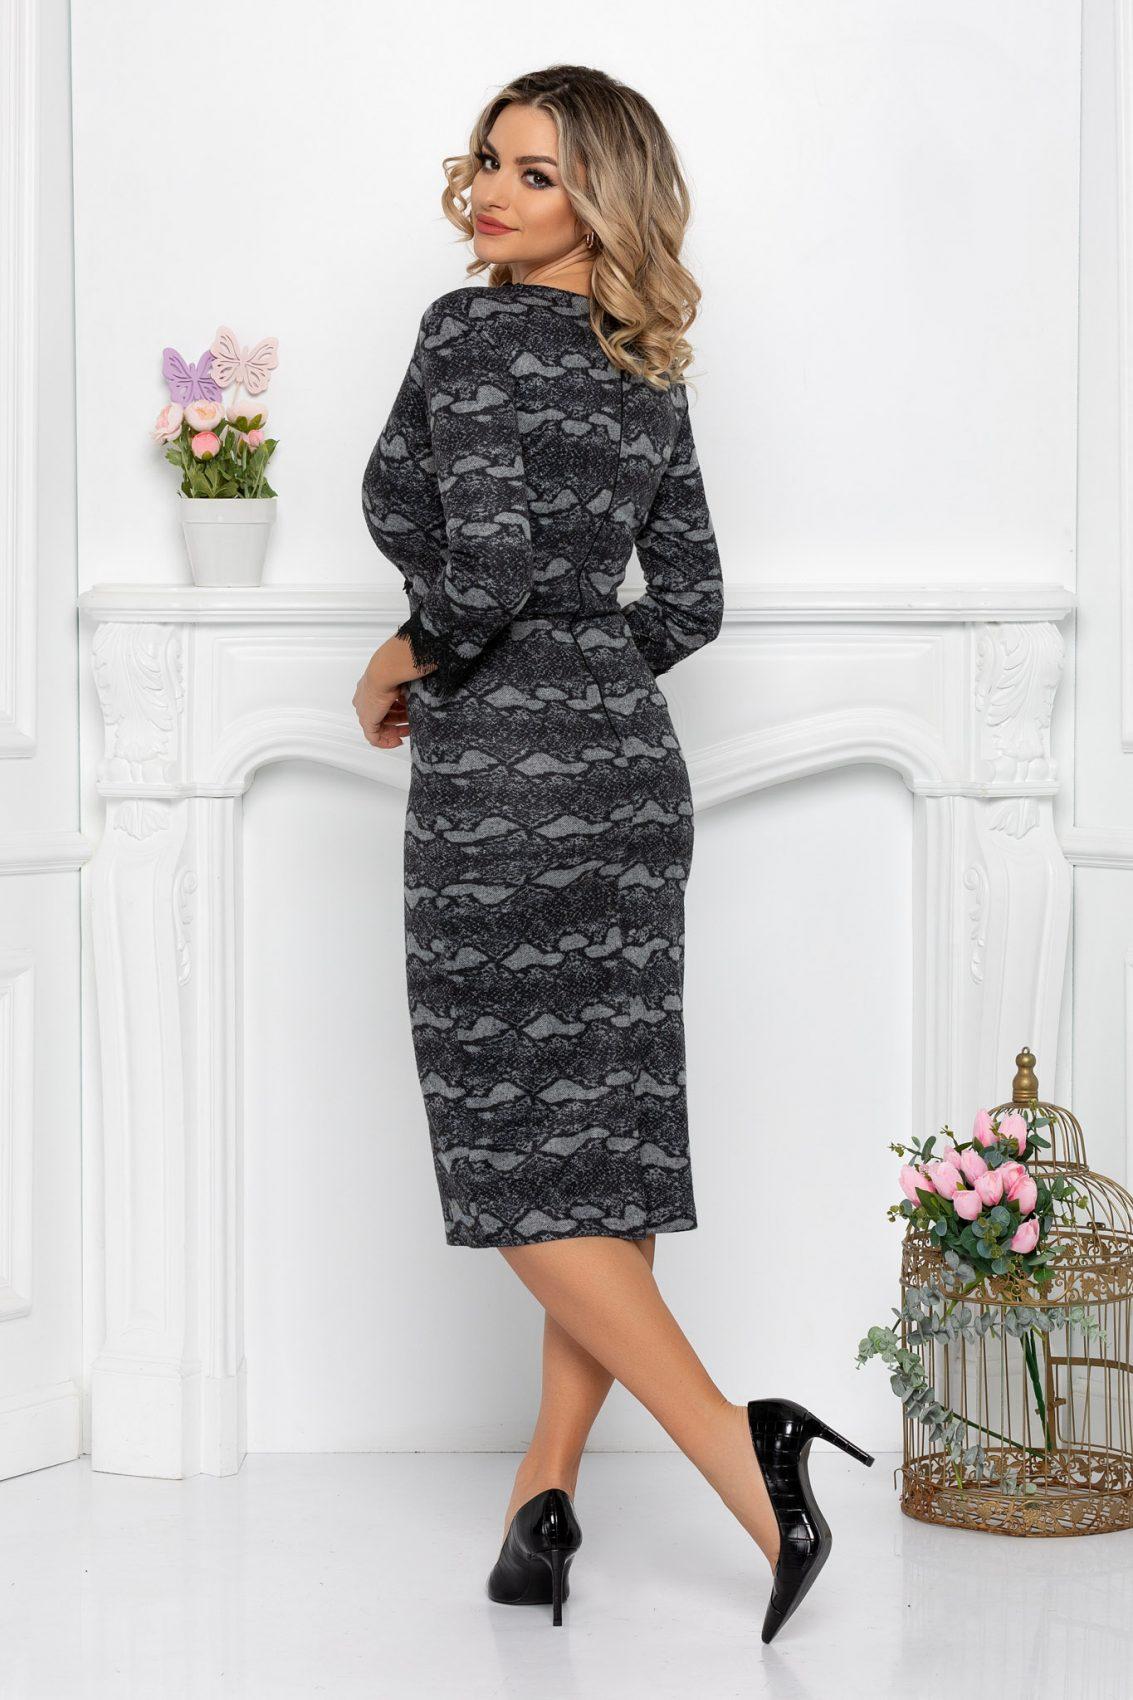 Γκρι Μίντι Κρουαζέ Φόρεμα Venus 9398 2